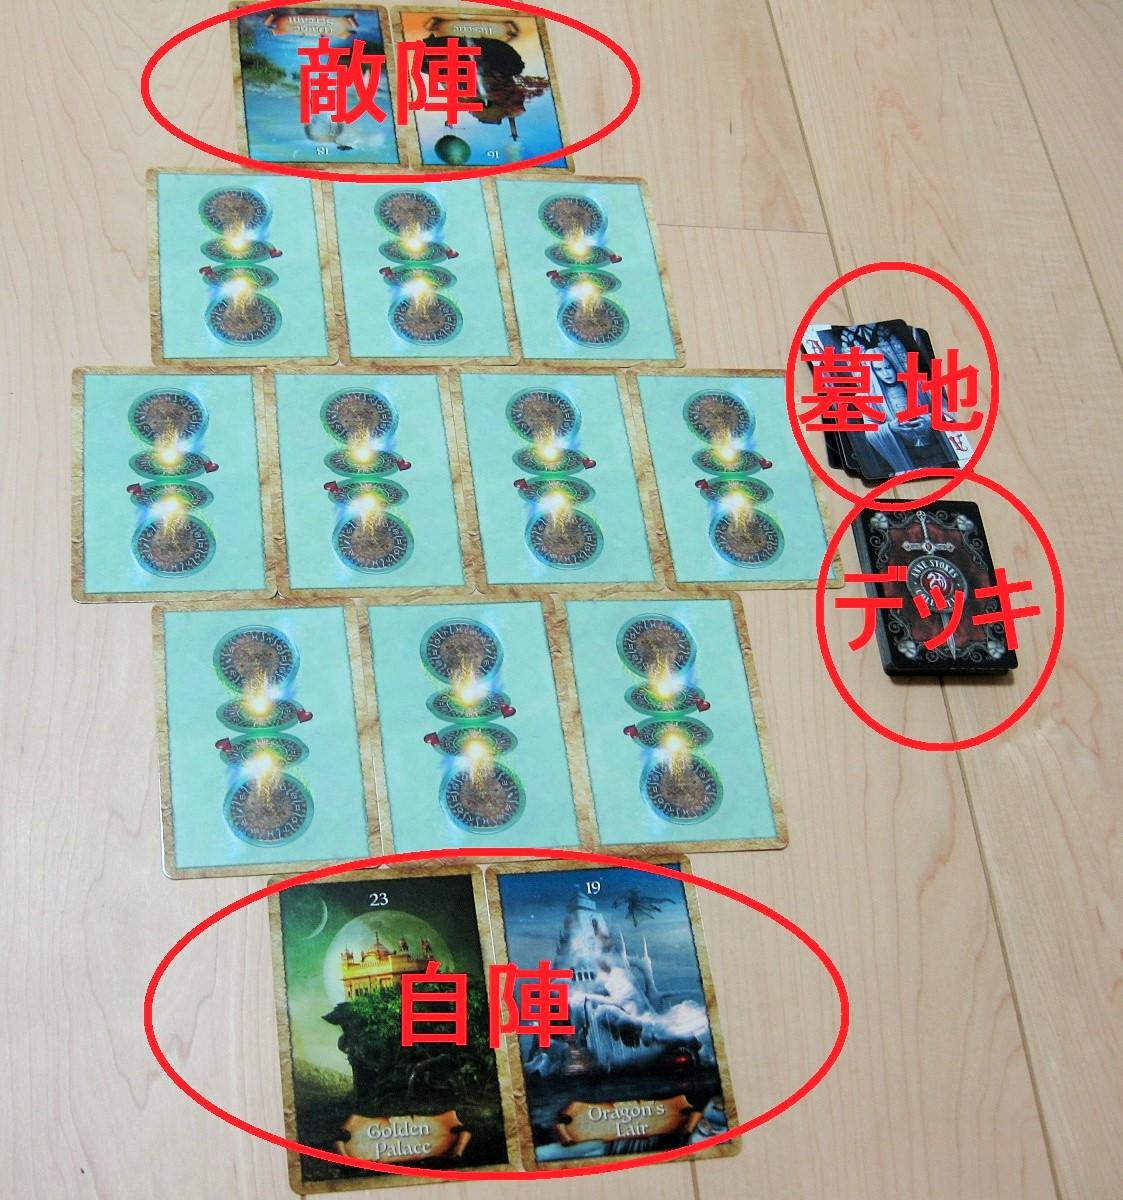 マジックキングダム 自作 トランプ ボード ゲーム 面白い BICYCLE(バイスクル) ALCHEMY(アルケミー)/ANNE STOKES(アンストークス)